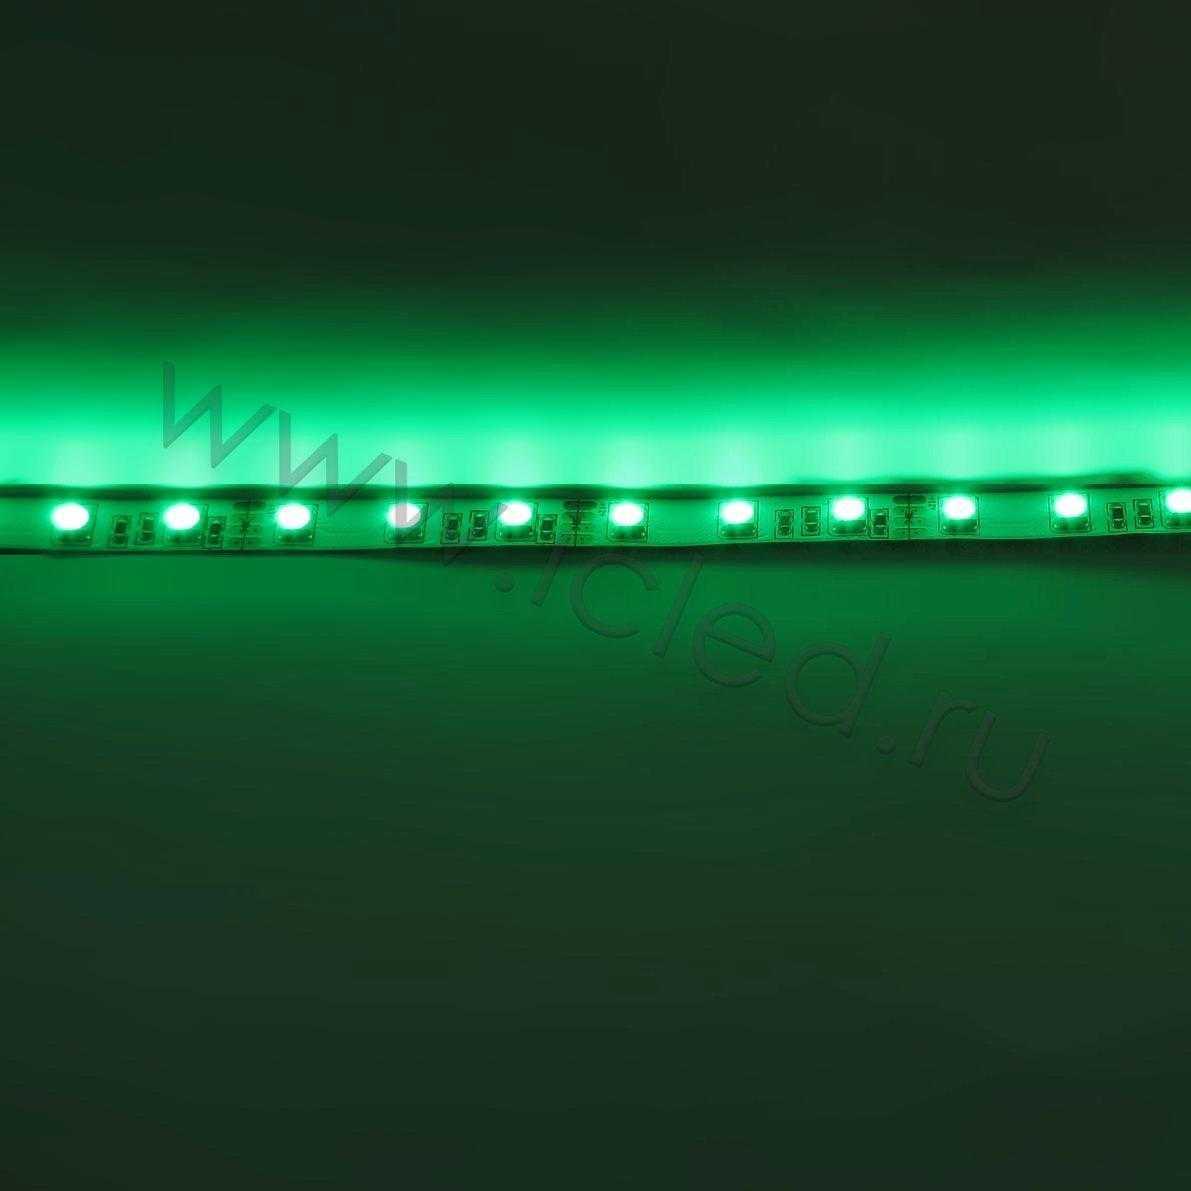 Светодиодная лента Class High, 5050, 60 led/m, RGB, 12V, IP33